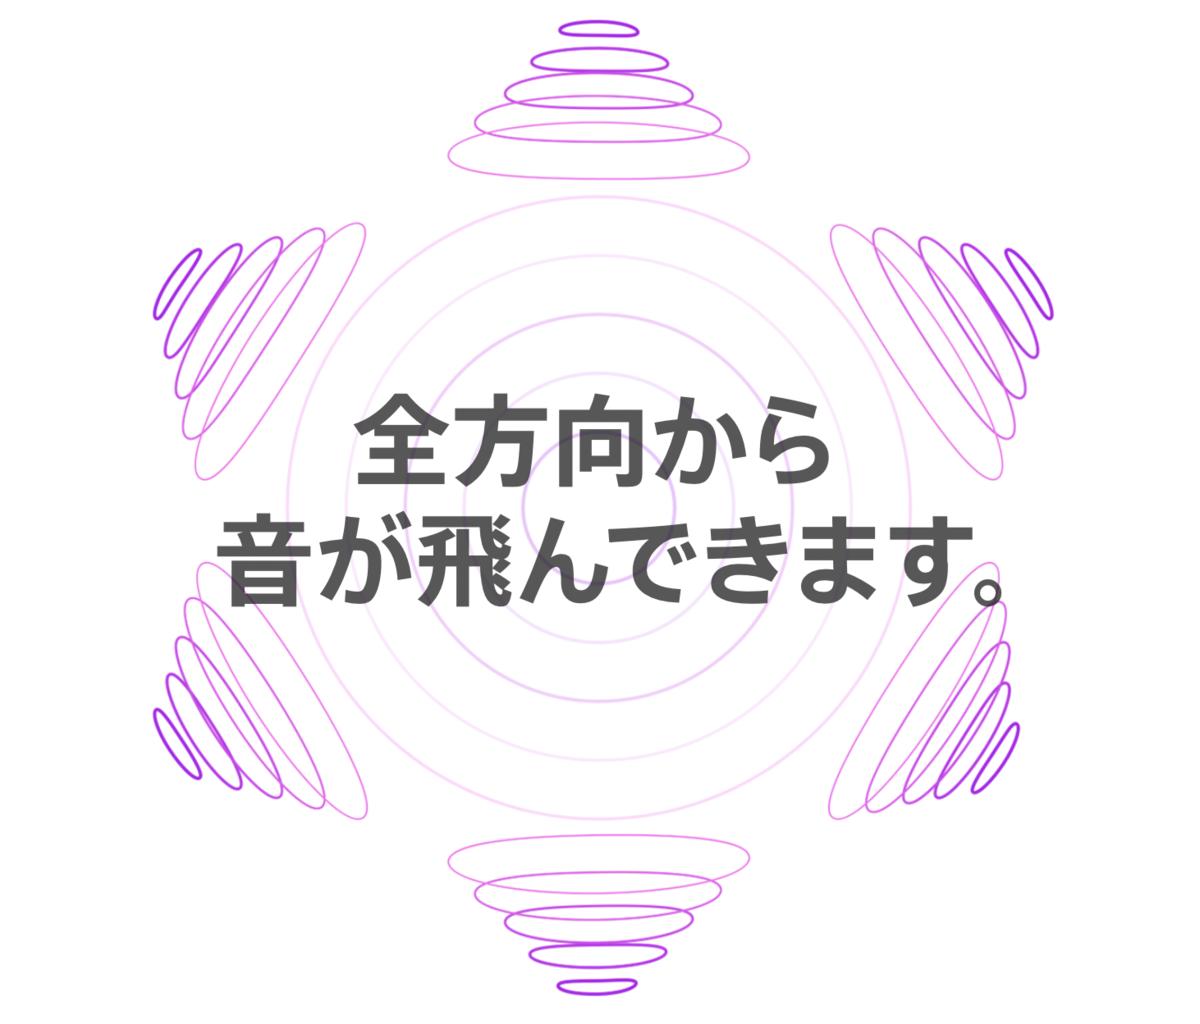 f:id:sai426:20211019091047p:plain